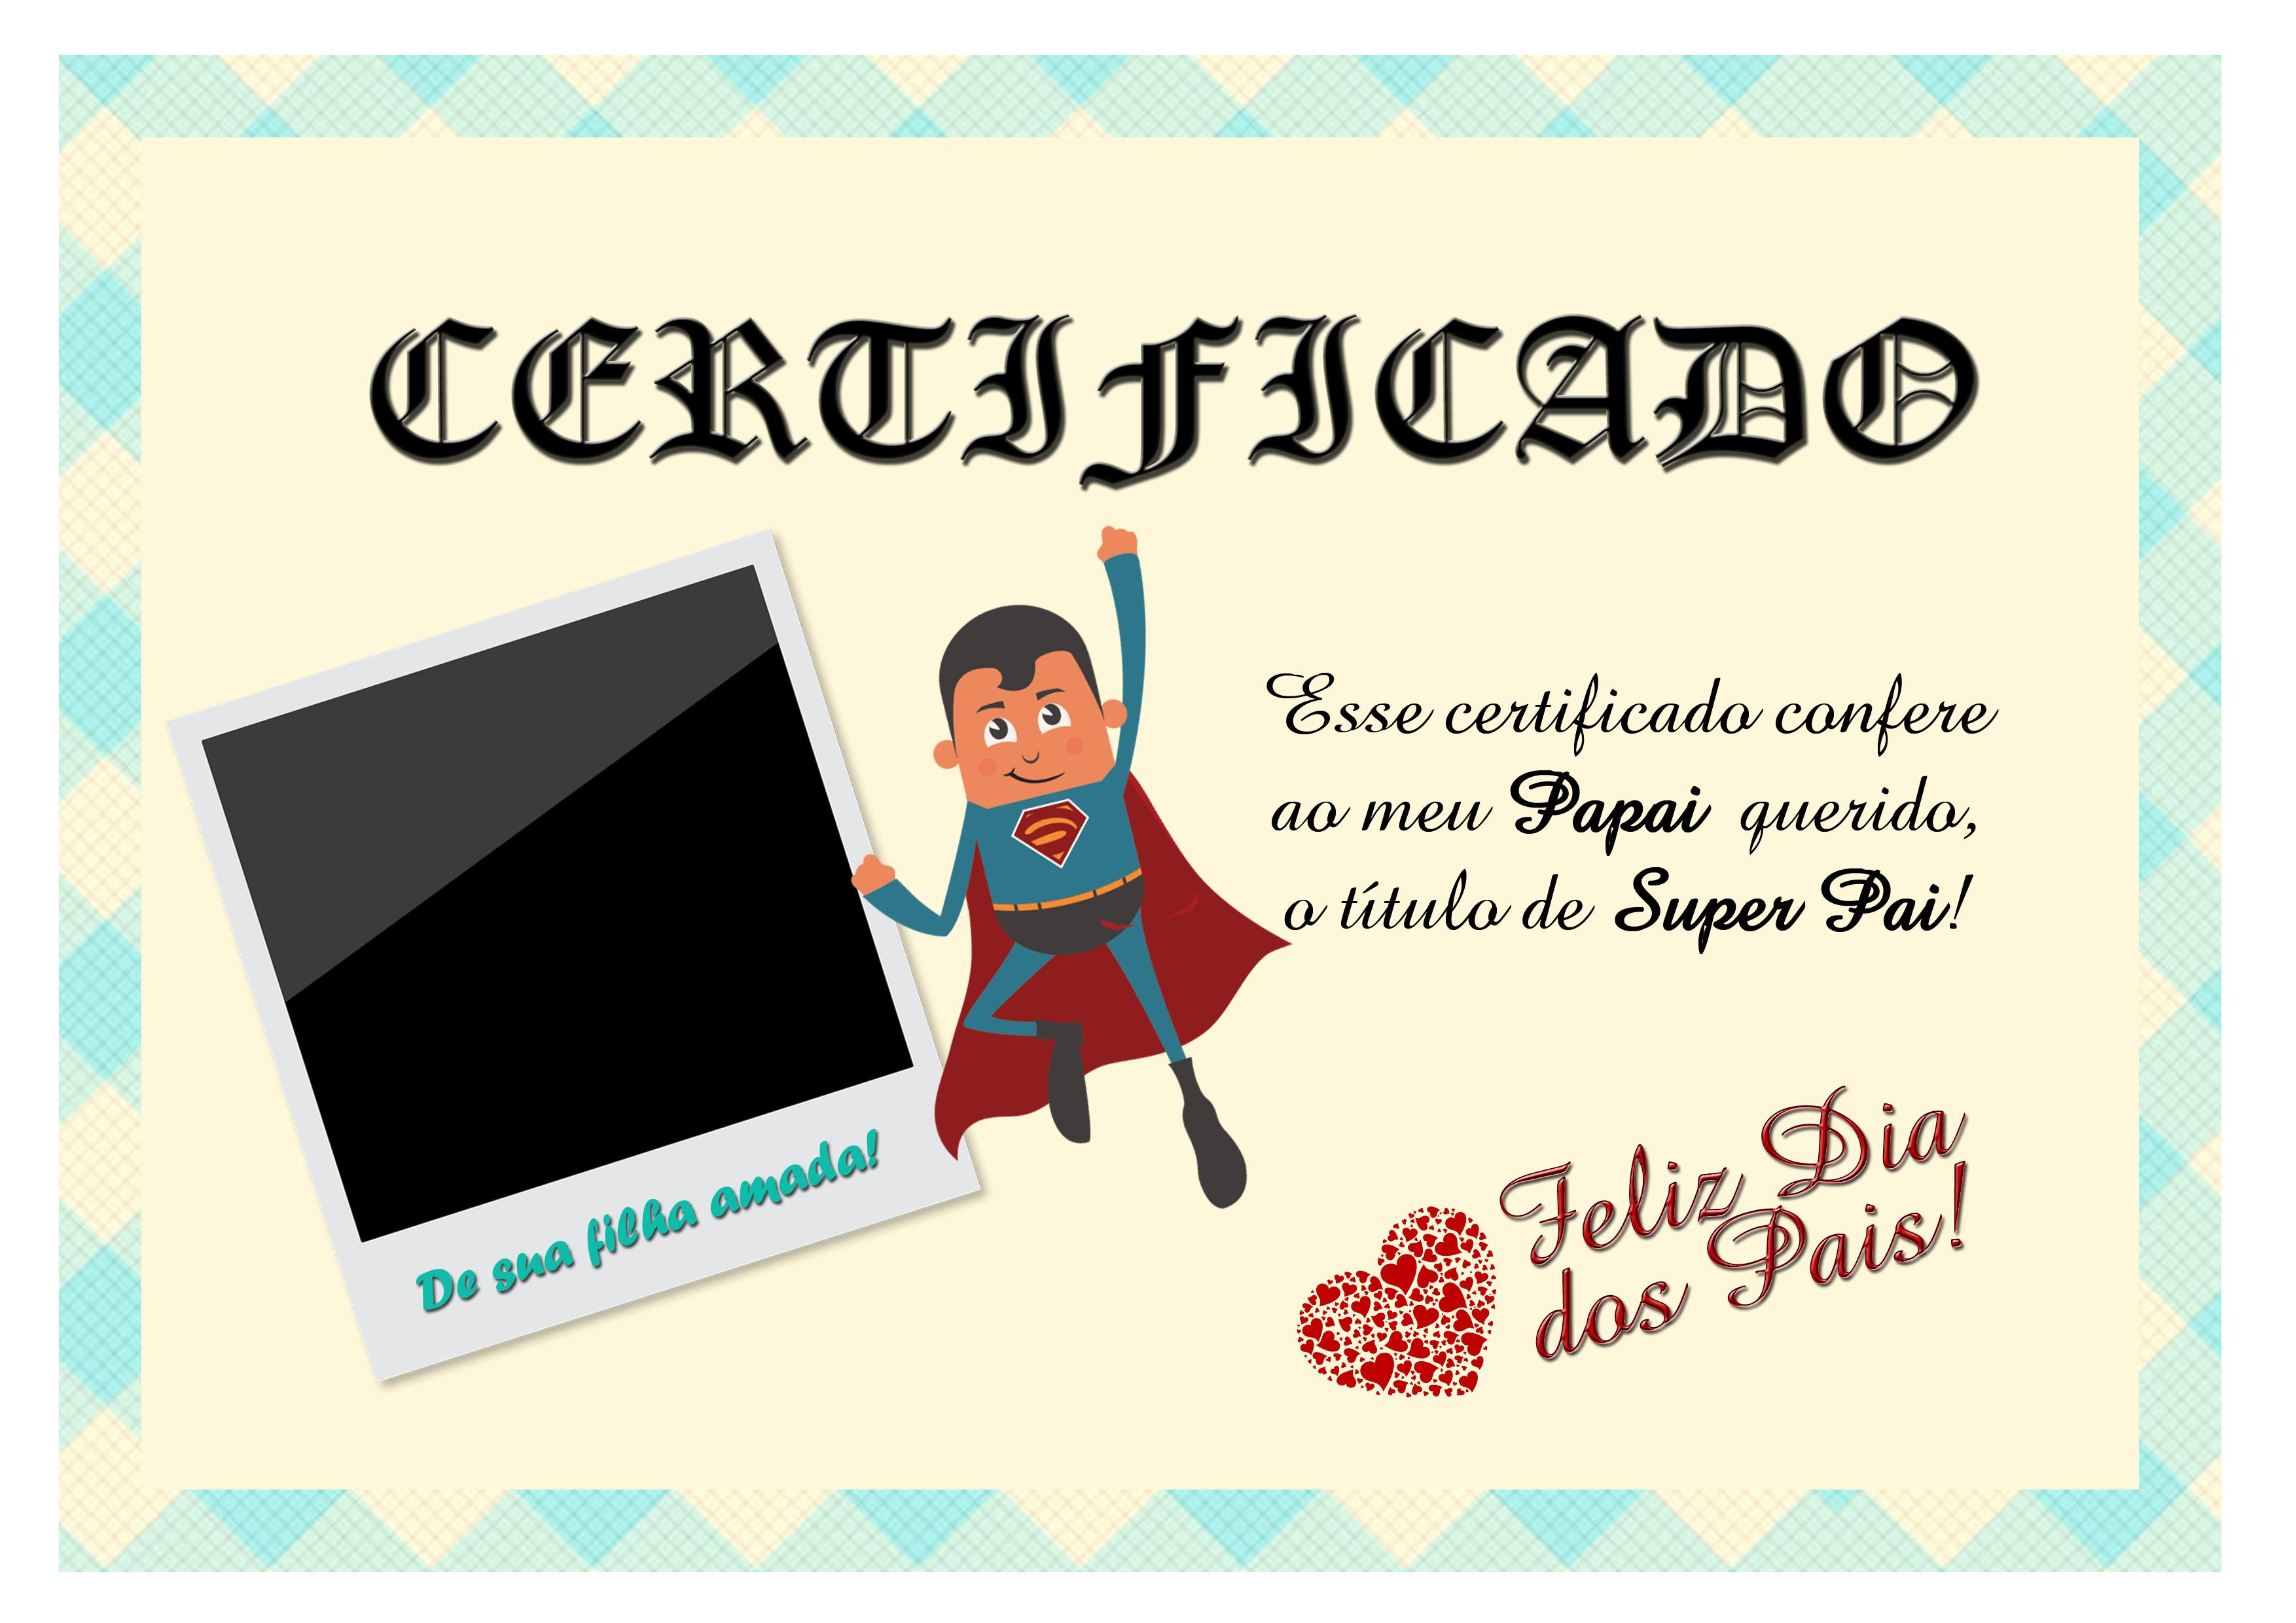 Certificado para super Pai  de sua filha.